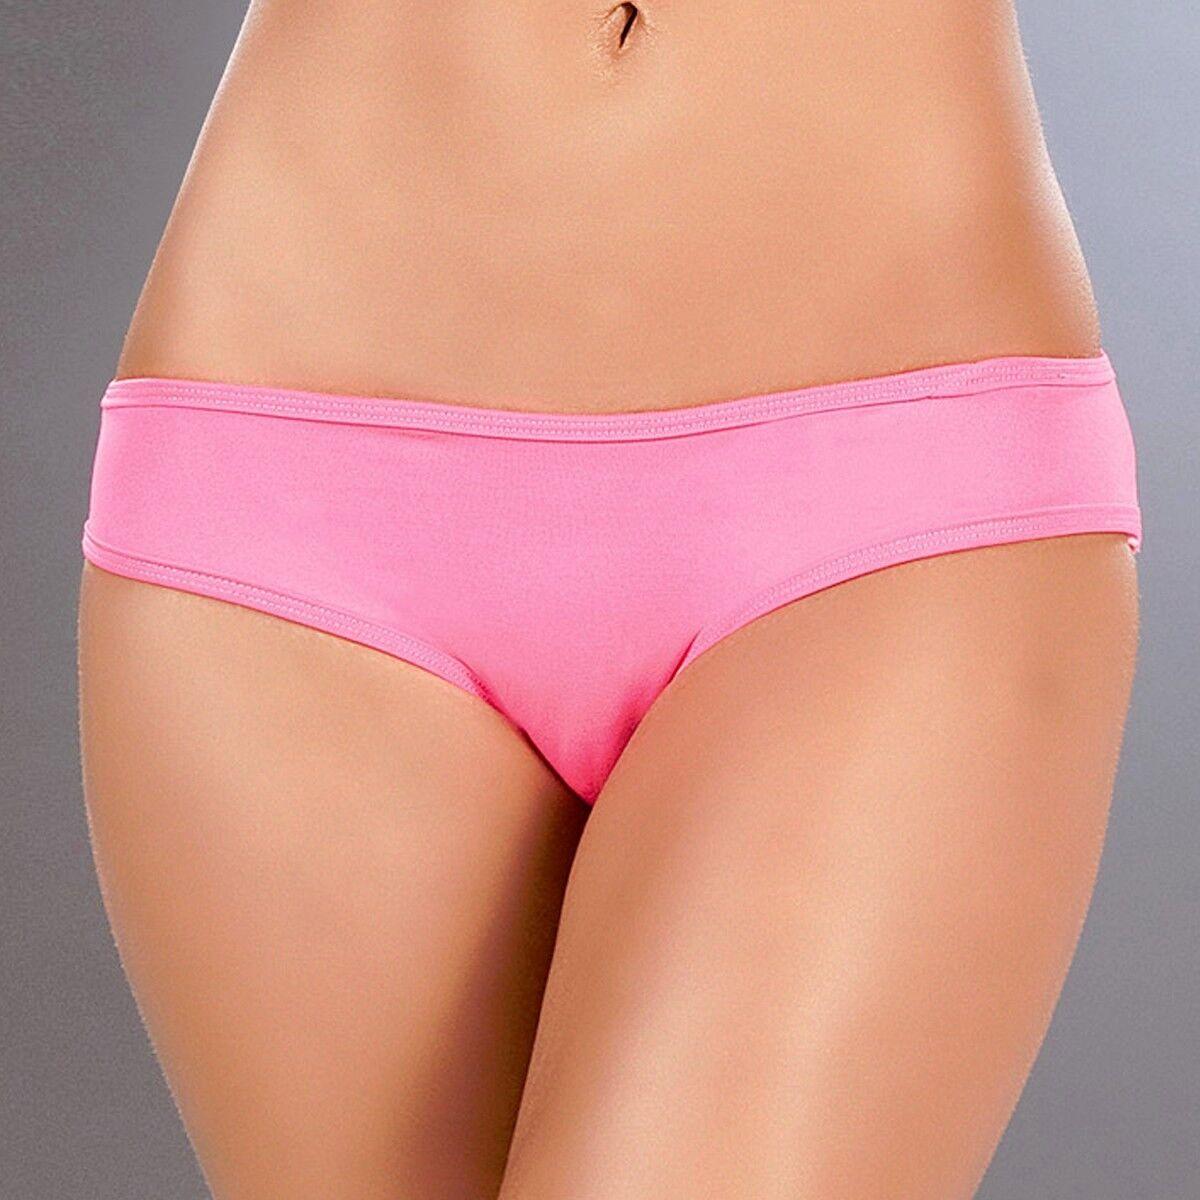 3002 Pink Stiefel Jungen Shorts Yoga Fitness Hipster Roller Bikini Tänzer Rabe S